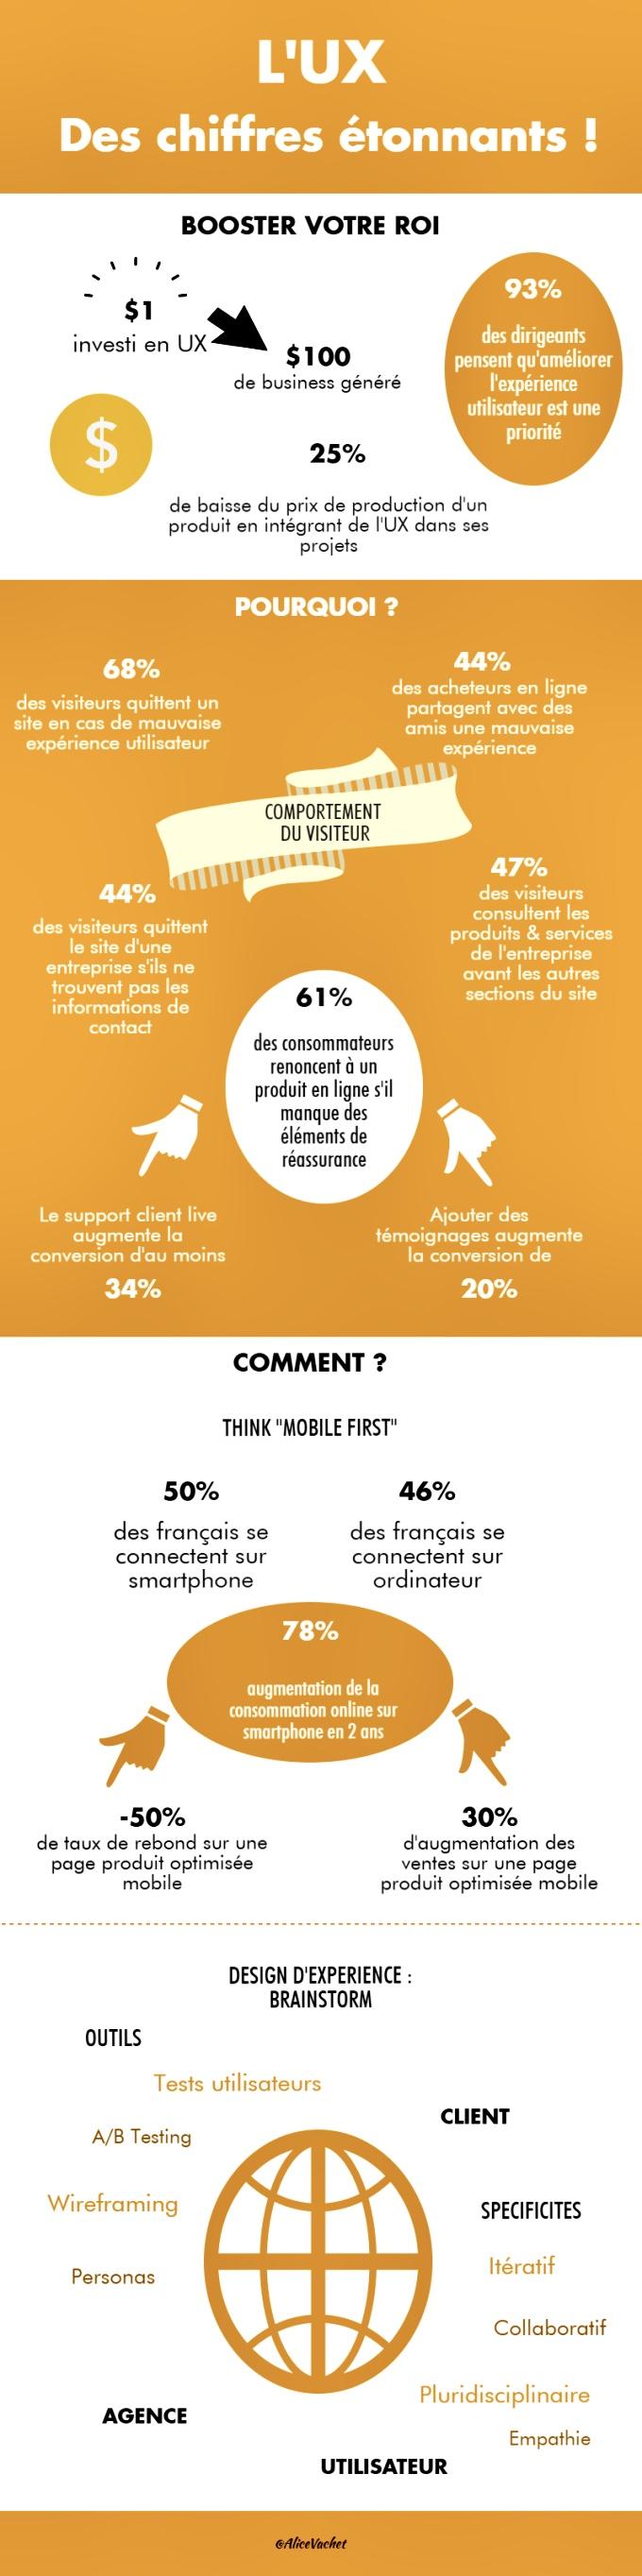 [Infographie] Webdesign : Les chiffres étonnants de l'UX🤩